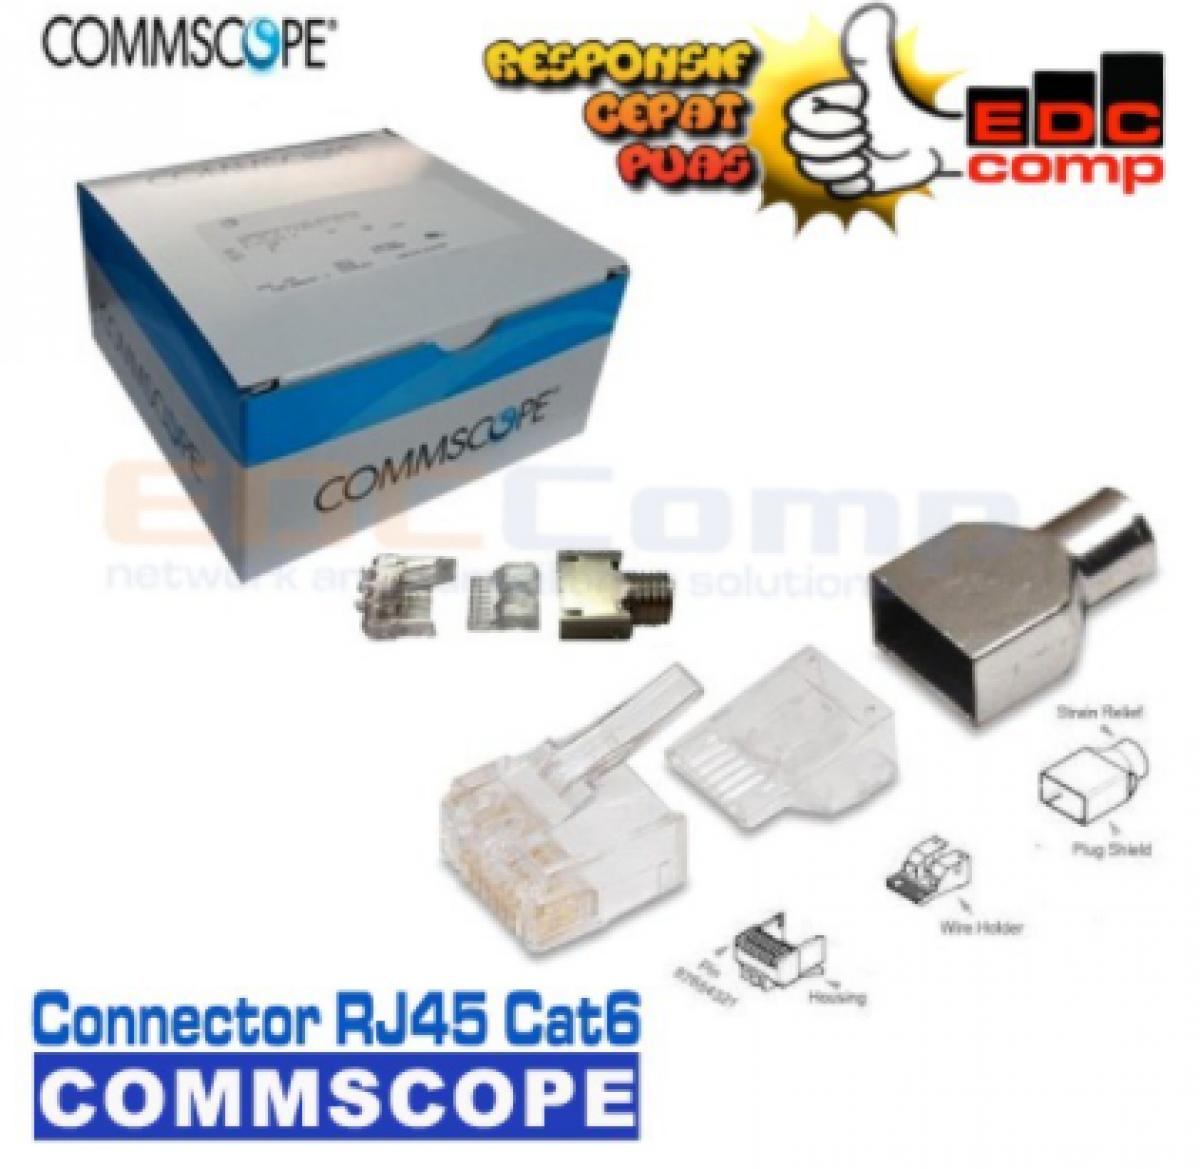 Connector RJ45 UTP Cat6 Commscope / AMP Konektor Original - EdcComp